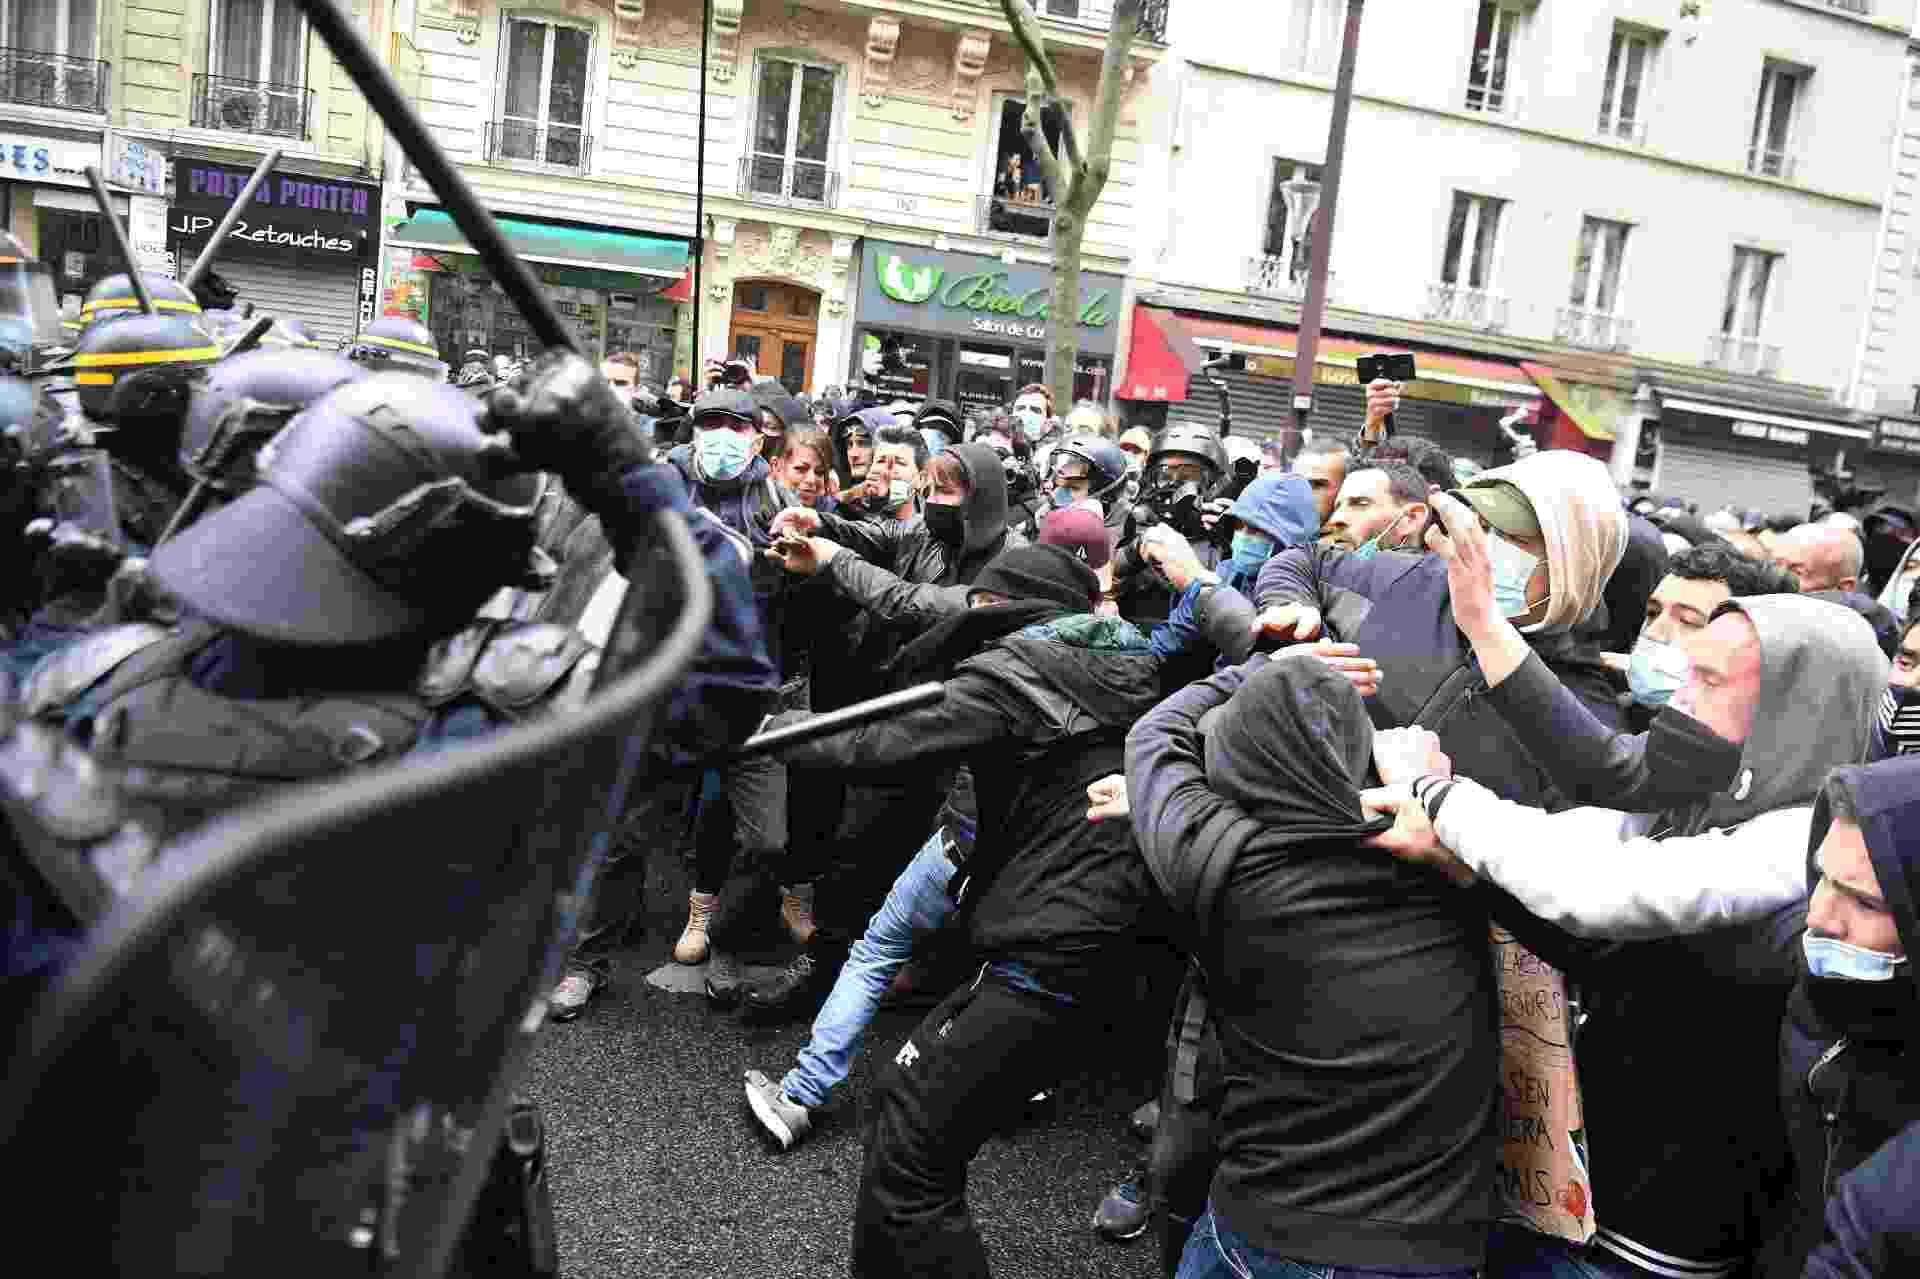 Manifestantes entram em conflito com a política em atos pelo Primeiro de Maio em Paris - Alain JOCARD / AFP